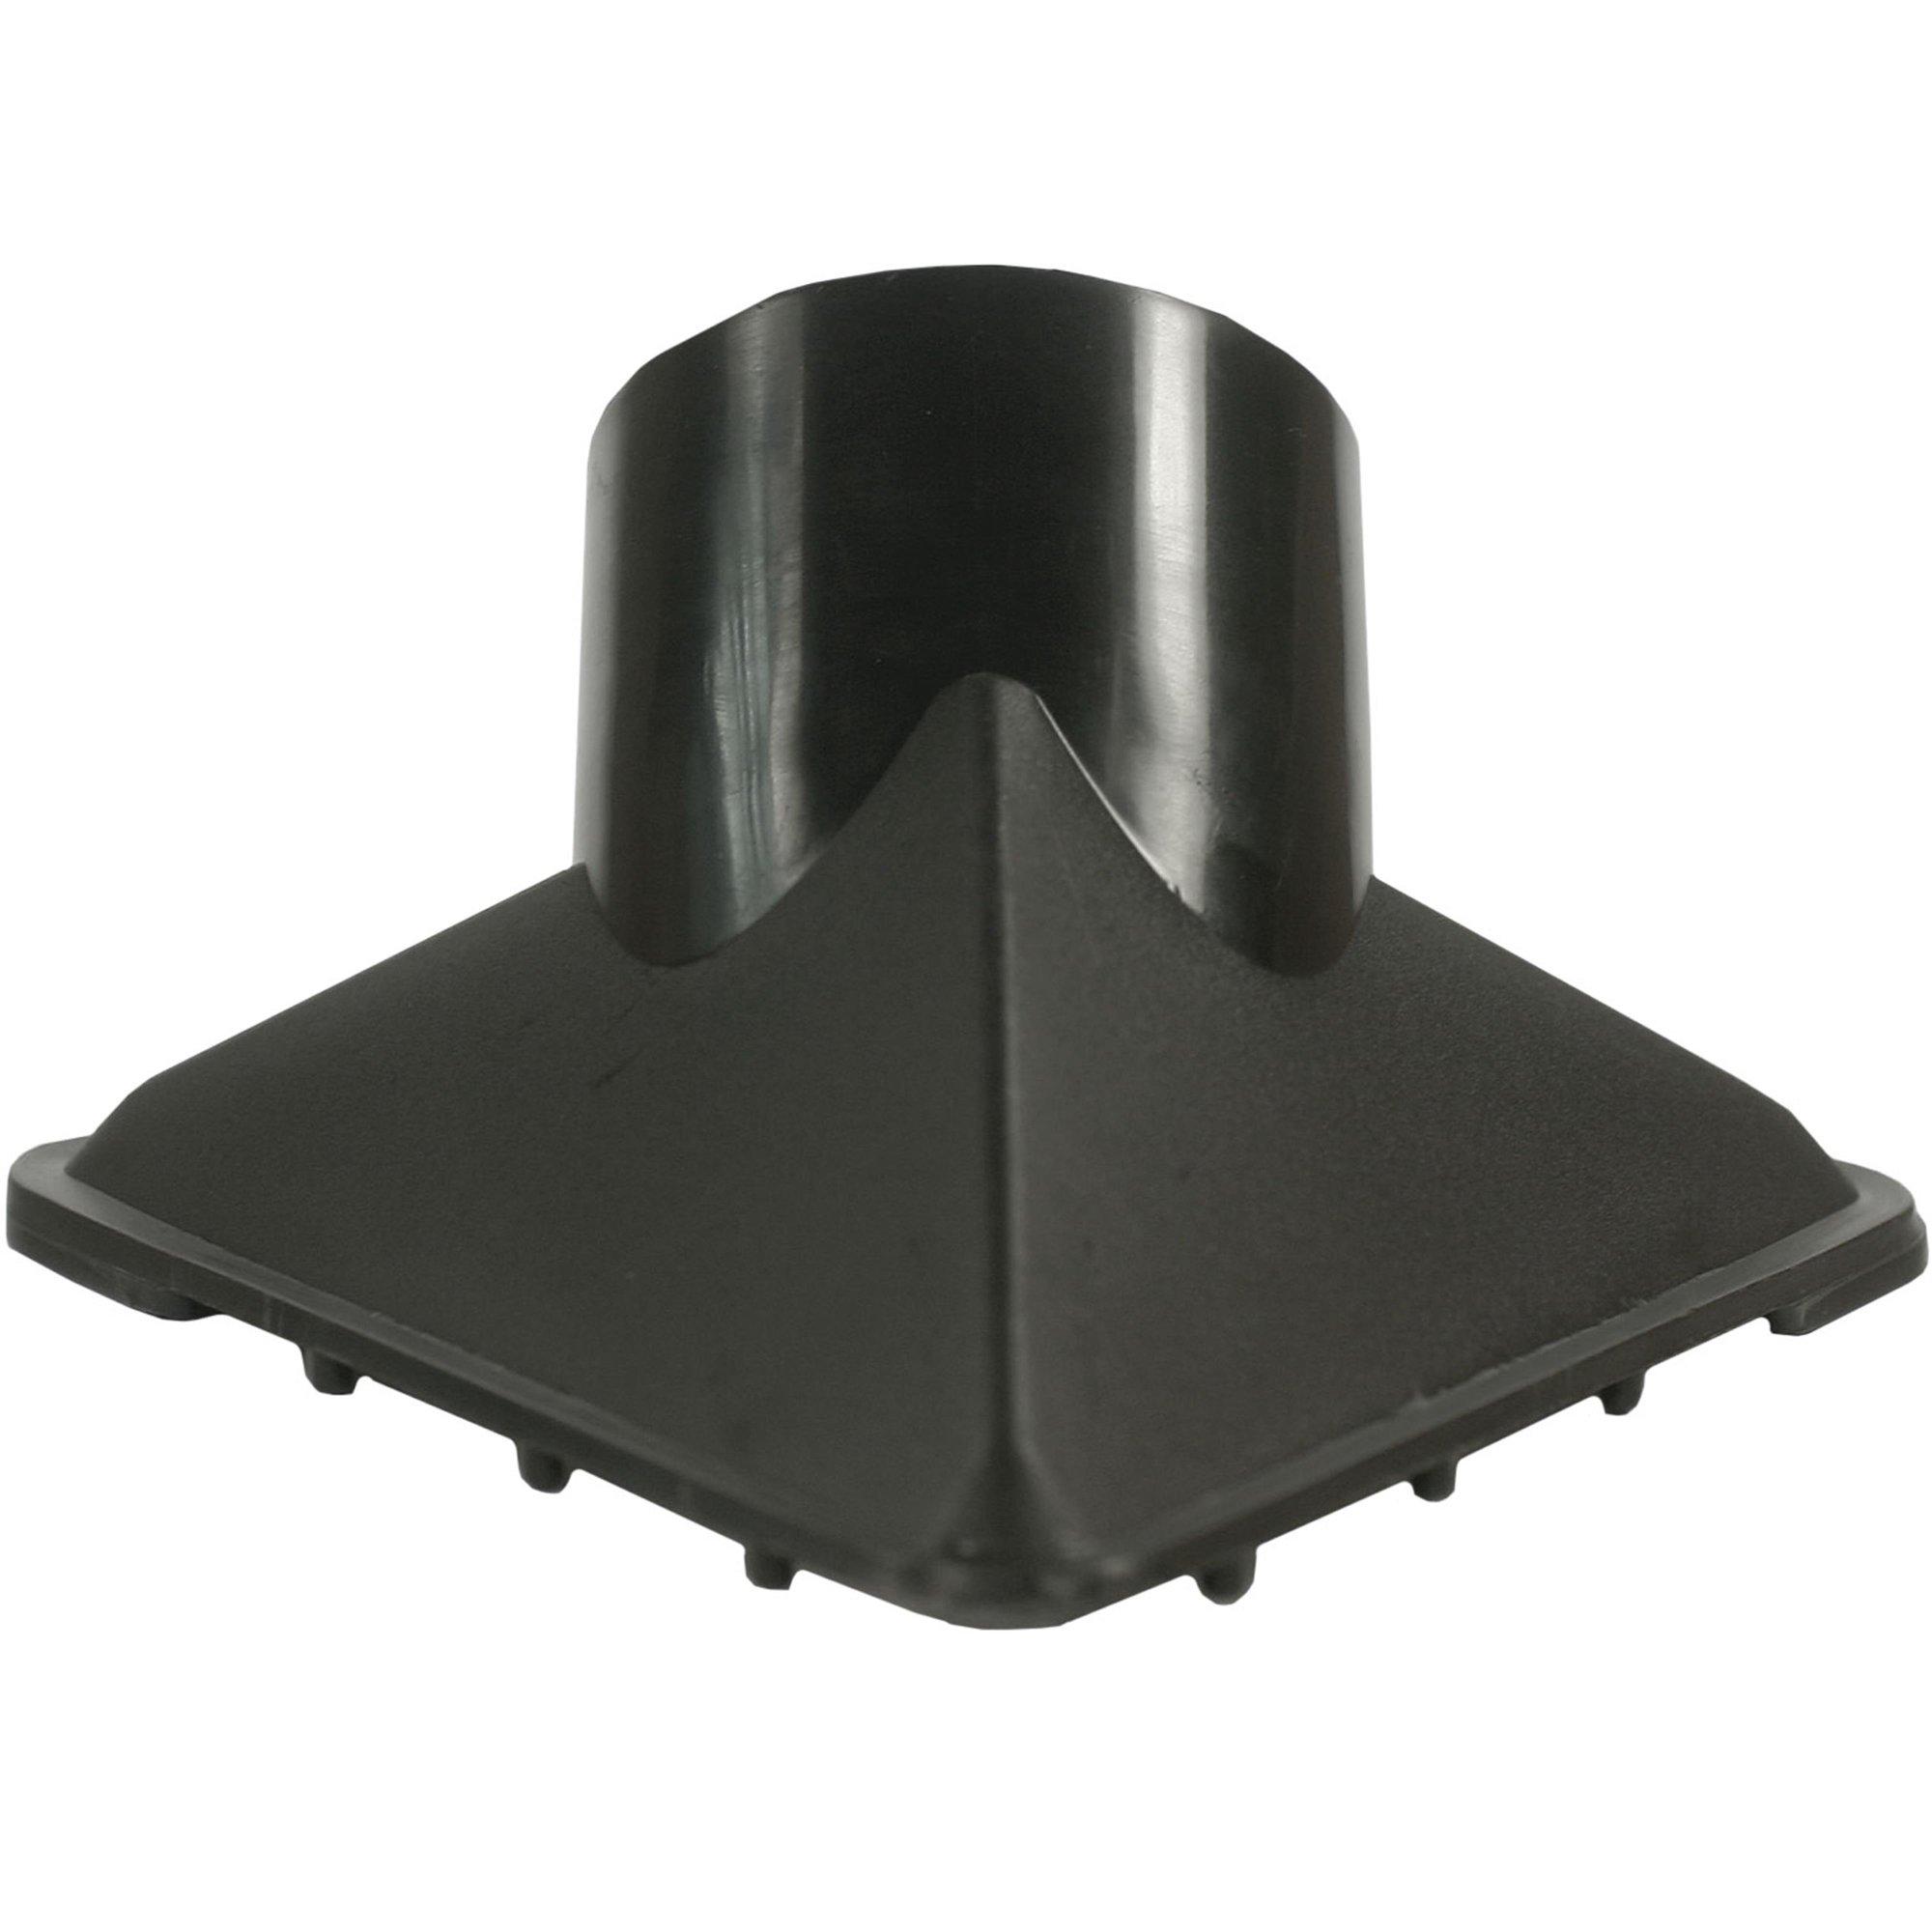 Wessel Werk Dreiecksdüse D=58mm, 150mm breit Dreiecksdüse 50 mm |